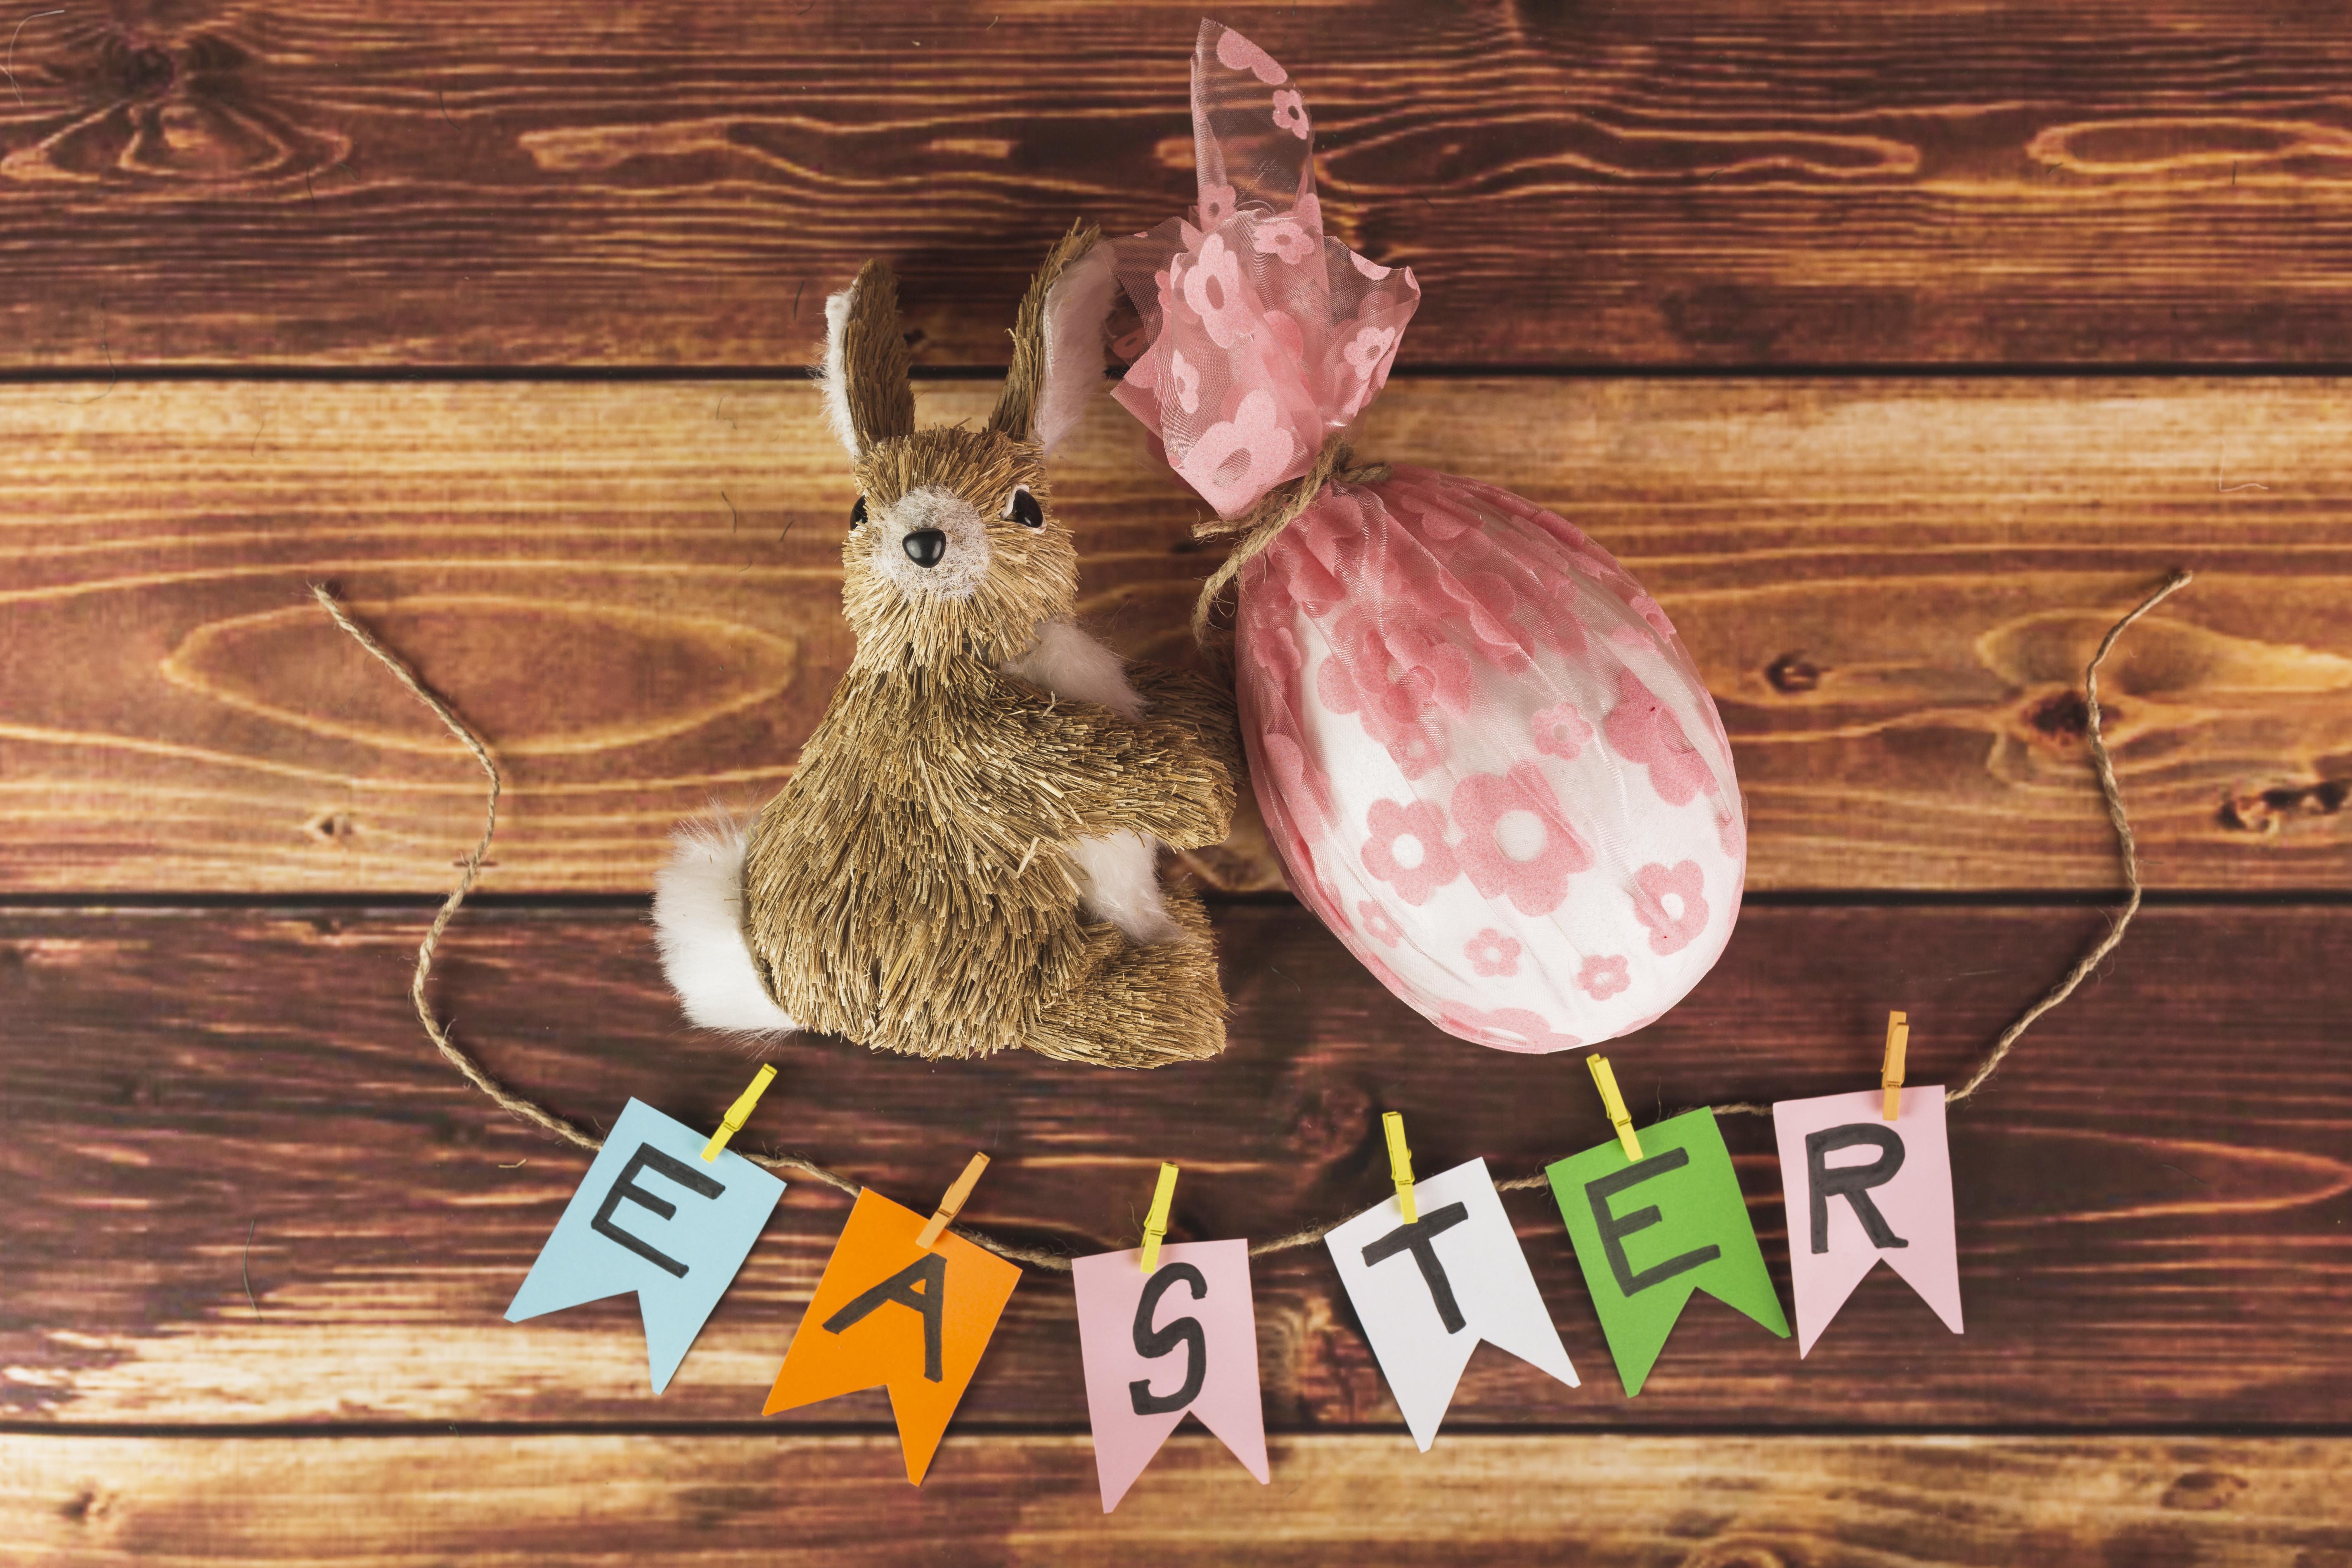 Картинка Пасха Кролики Английский Яйца Доски инглийские английская яиц яйцо яйцами